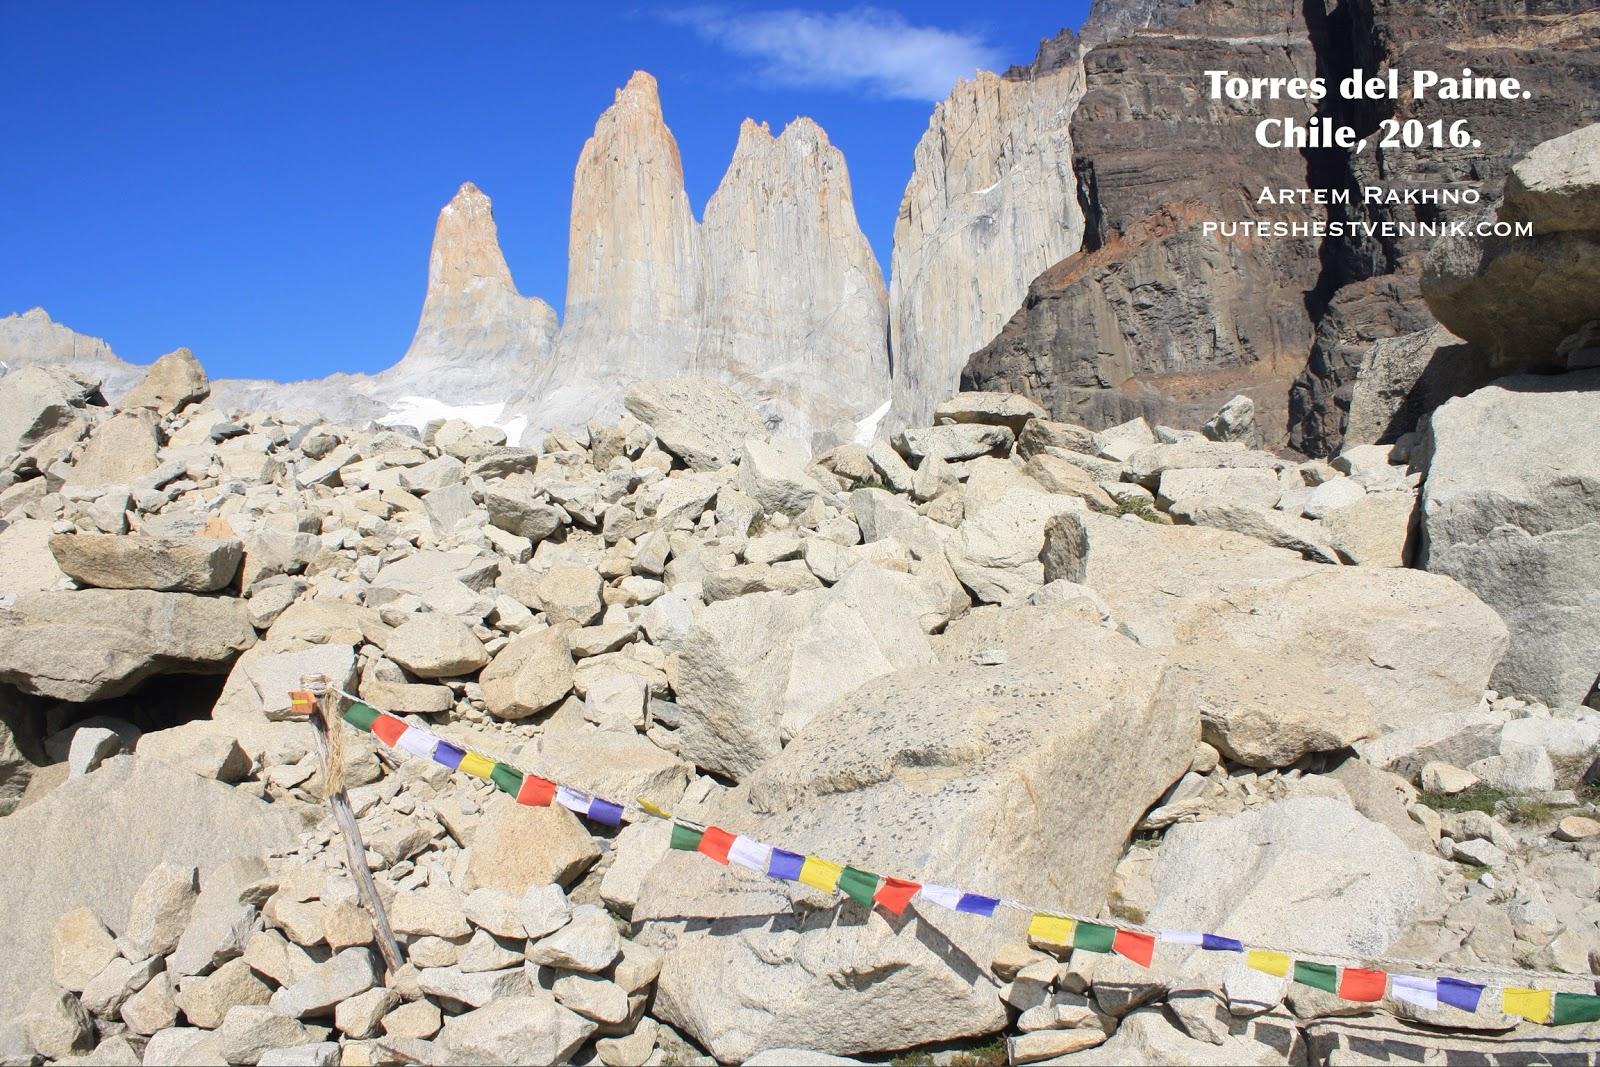 Каменный завал в Торрес-дель-Пайне